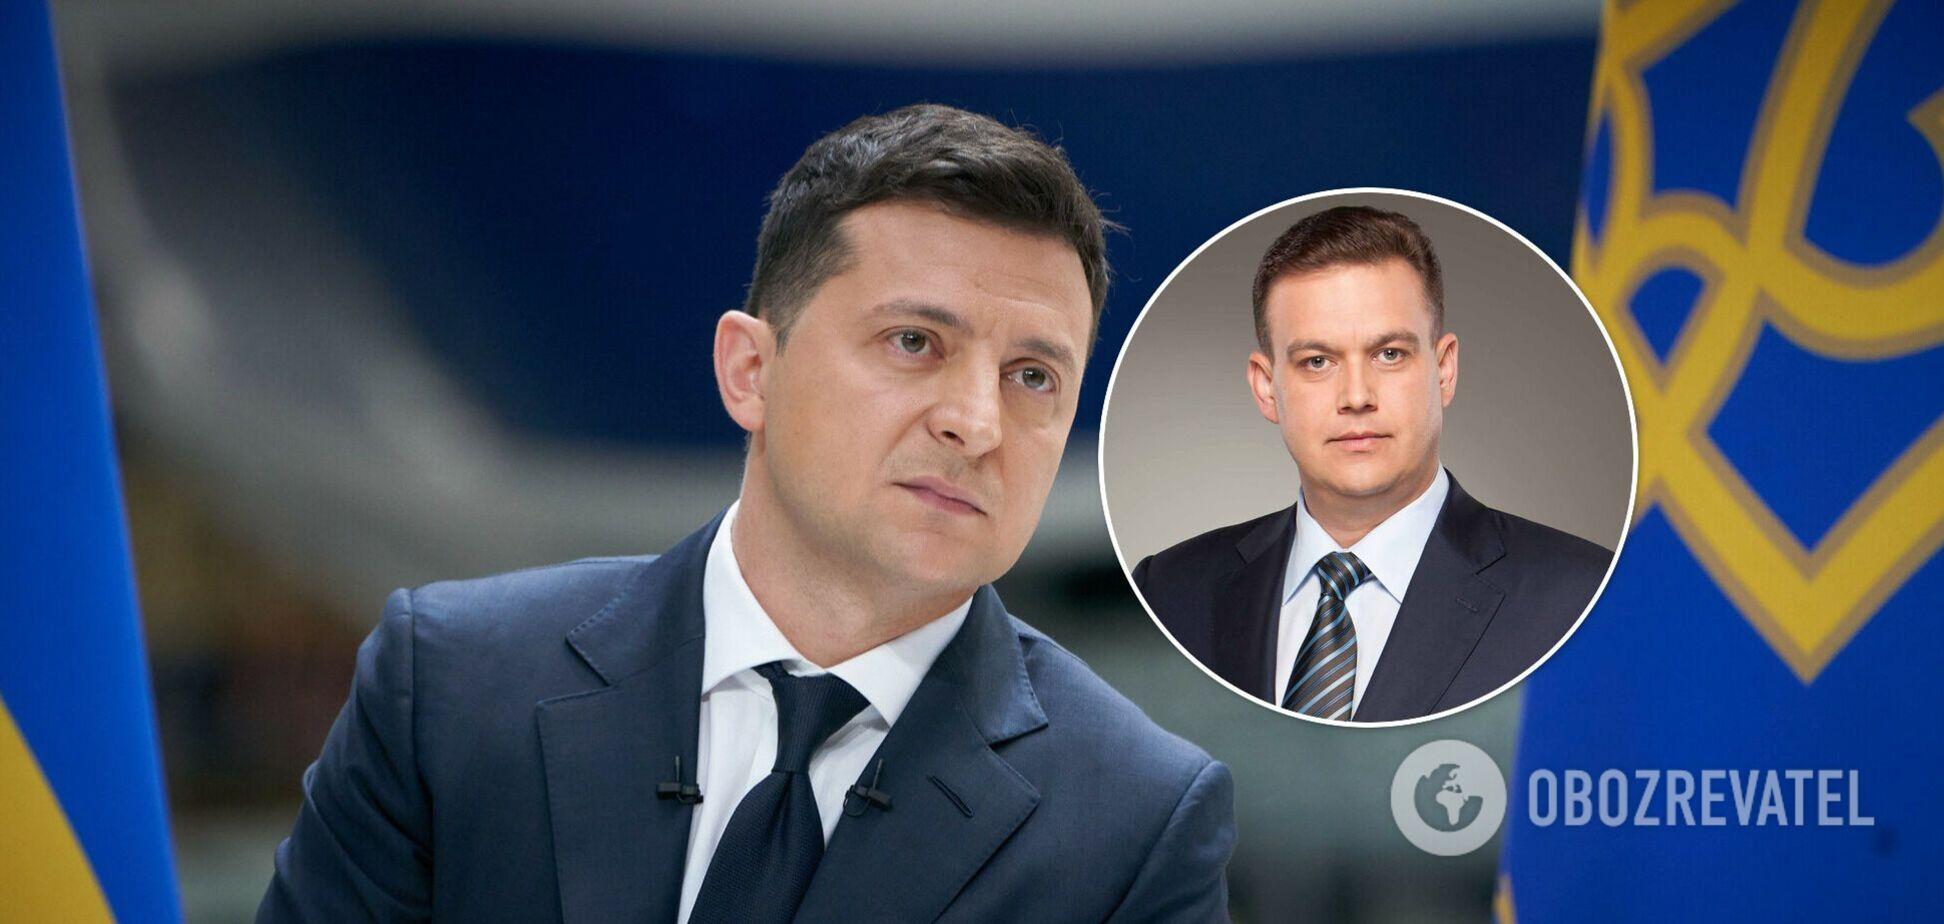 Зеленський відреагував на вбивство мера Кривого Рогу